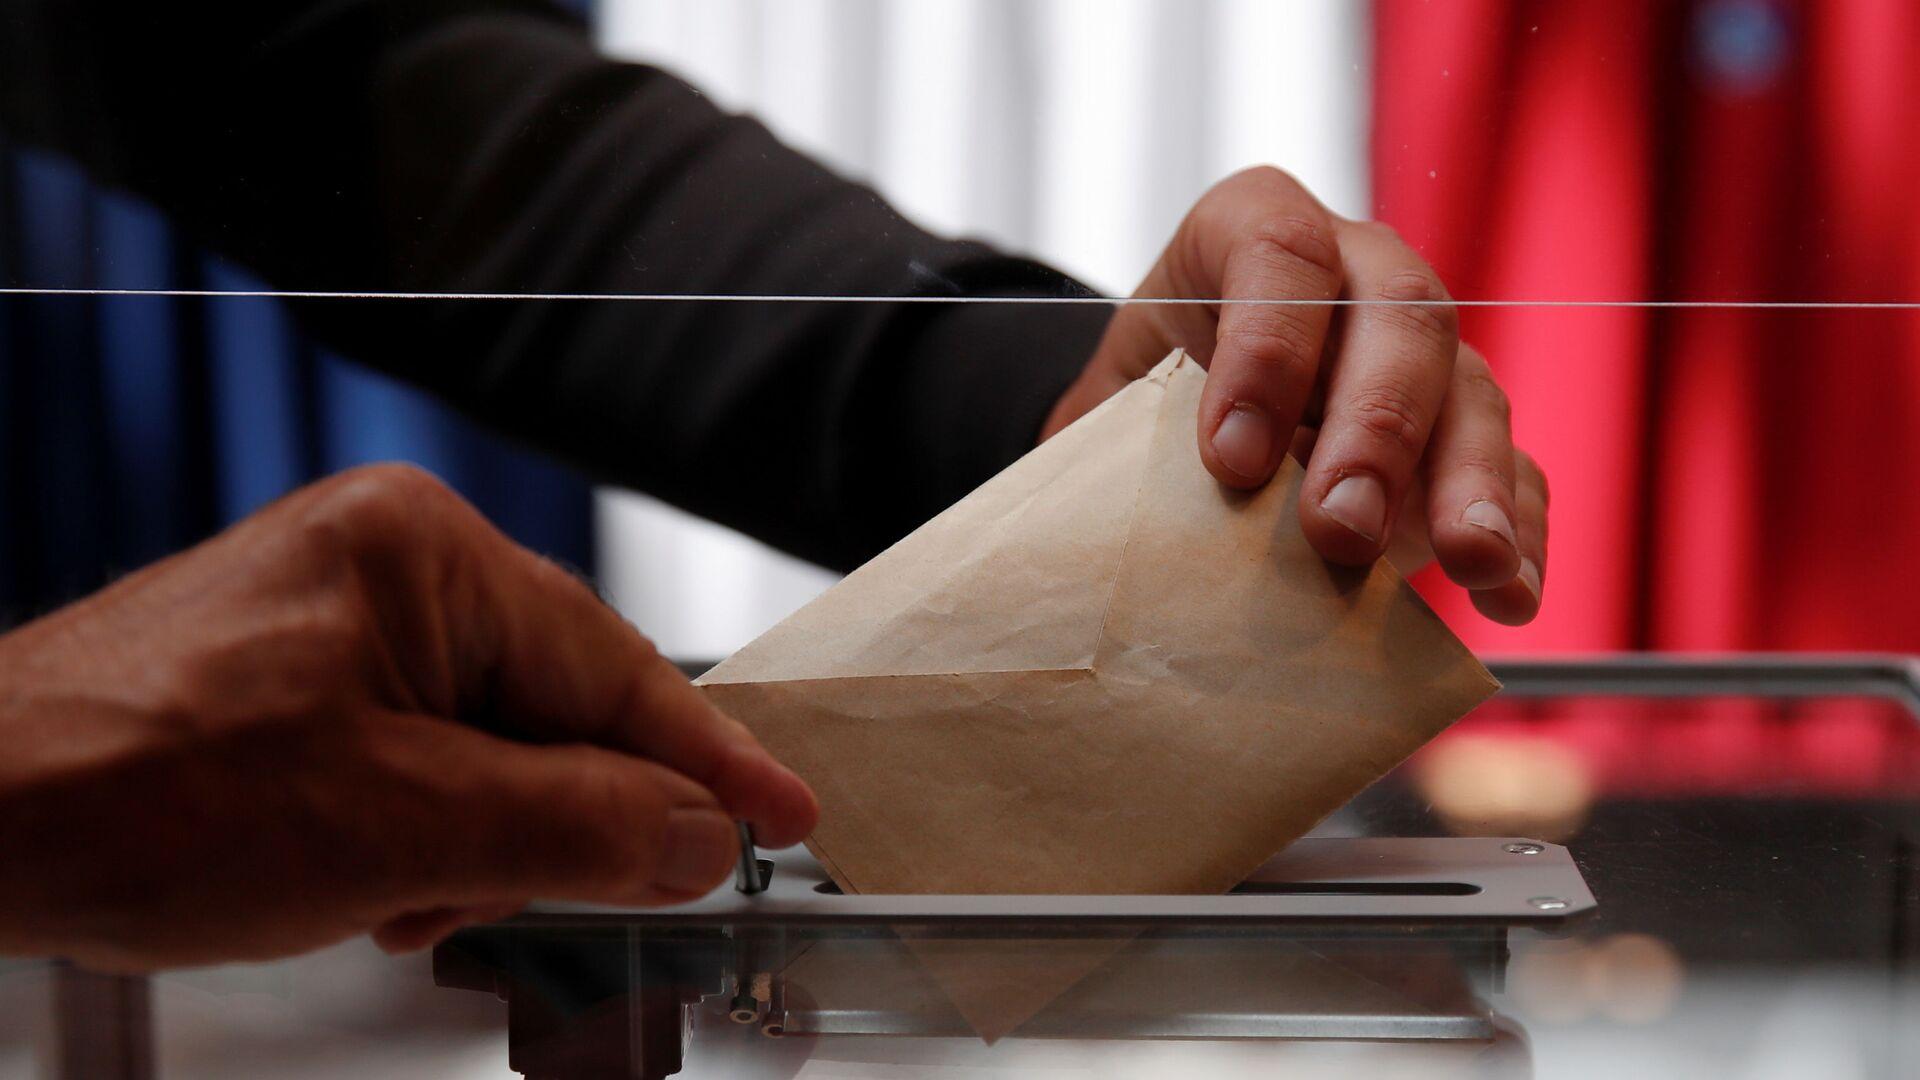 Élections régionales et départementales 2021 en France - Sputnik France, 1920, 28.06.2021